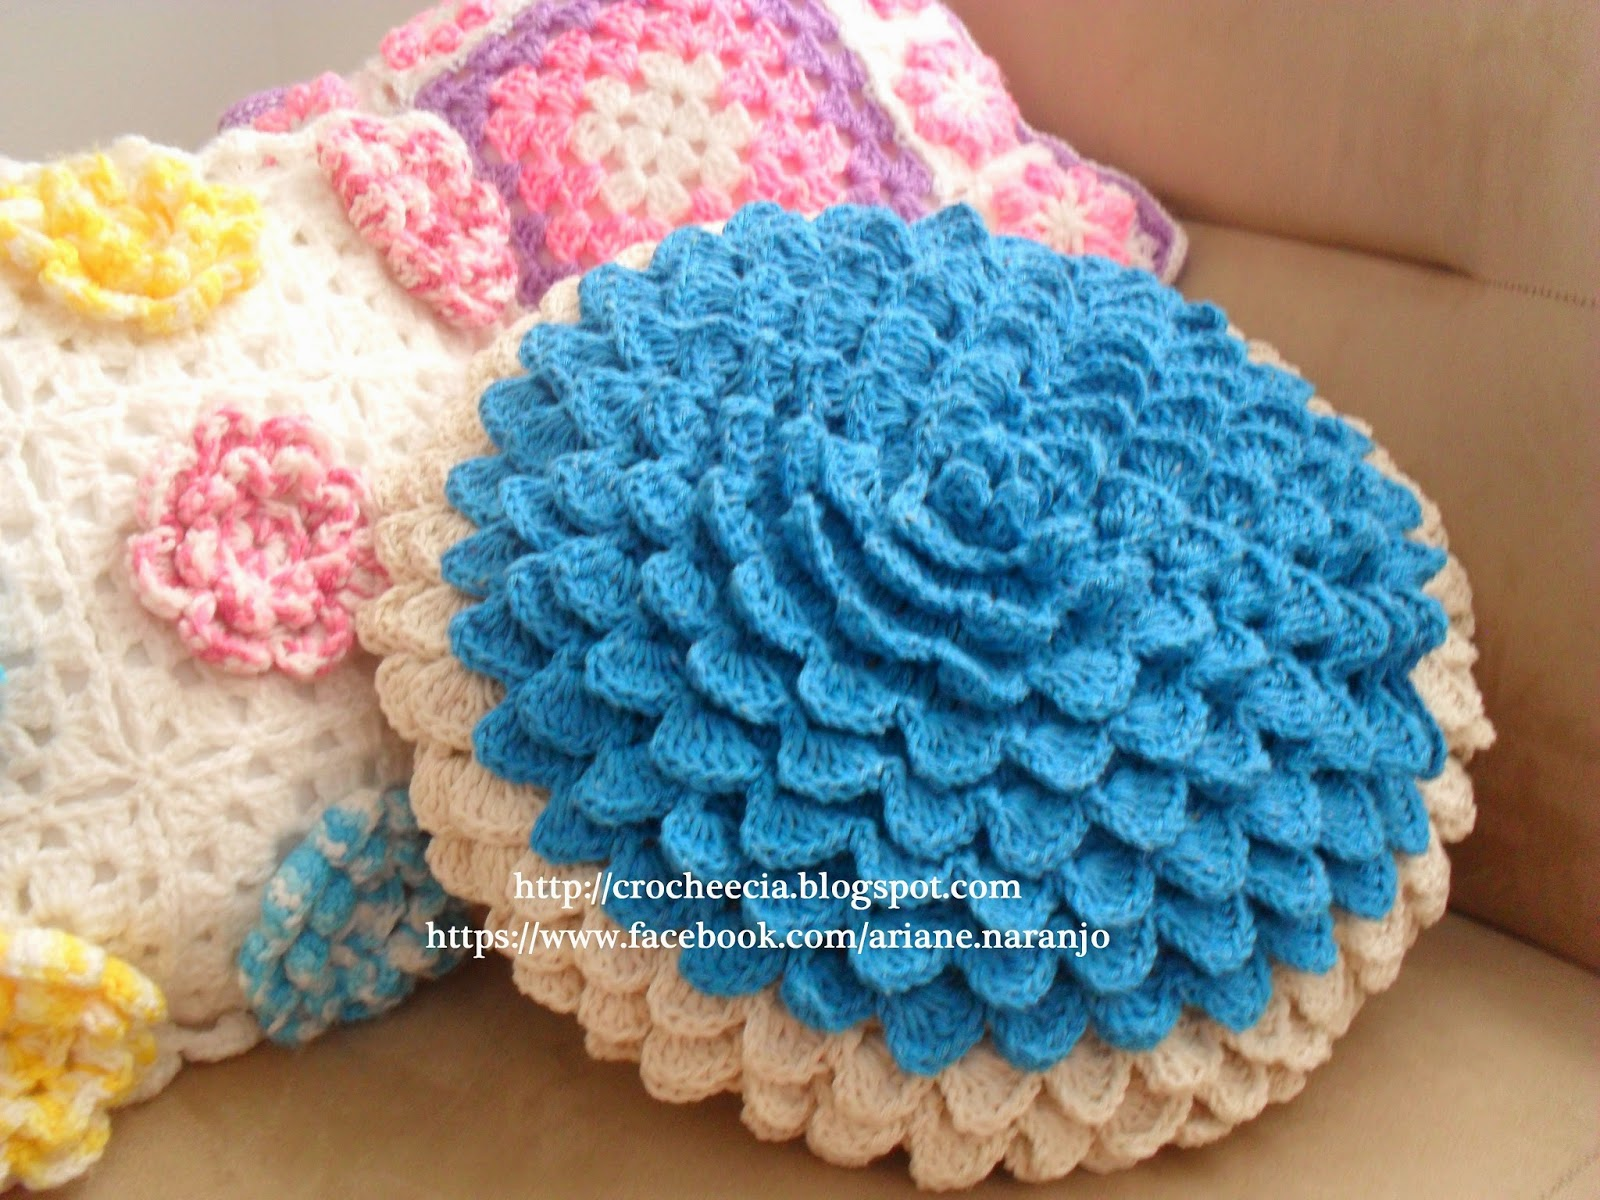 ... esta capa de almofada com ponto escama, usando barbante cru e azul